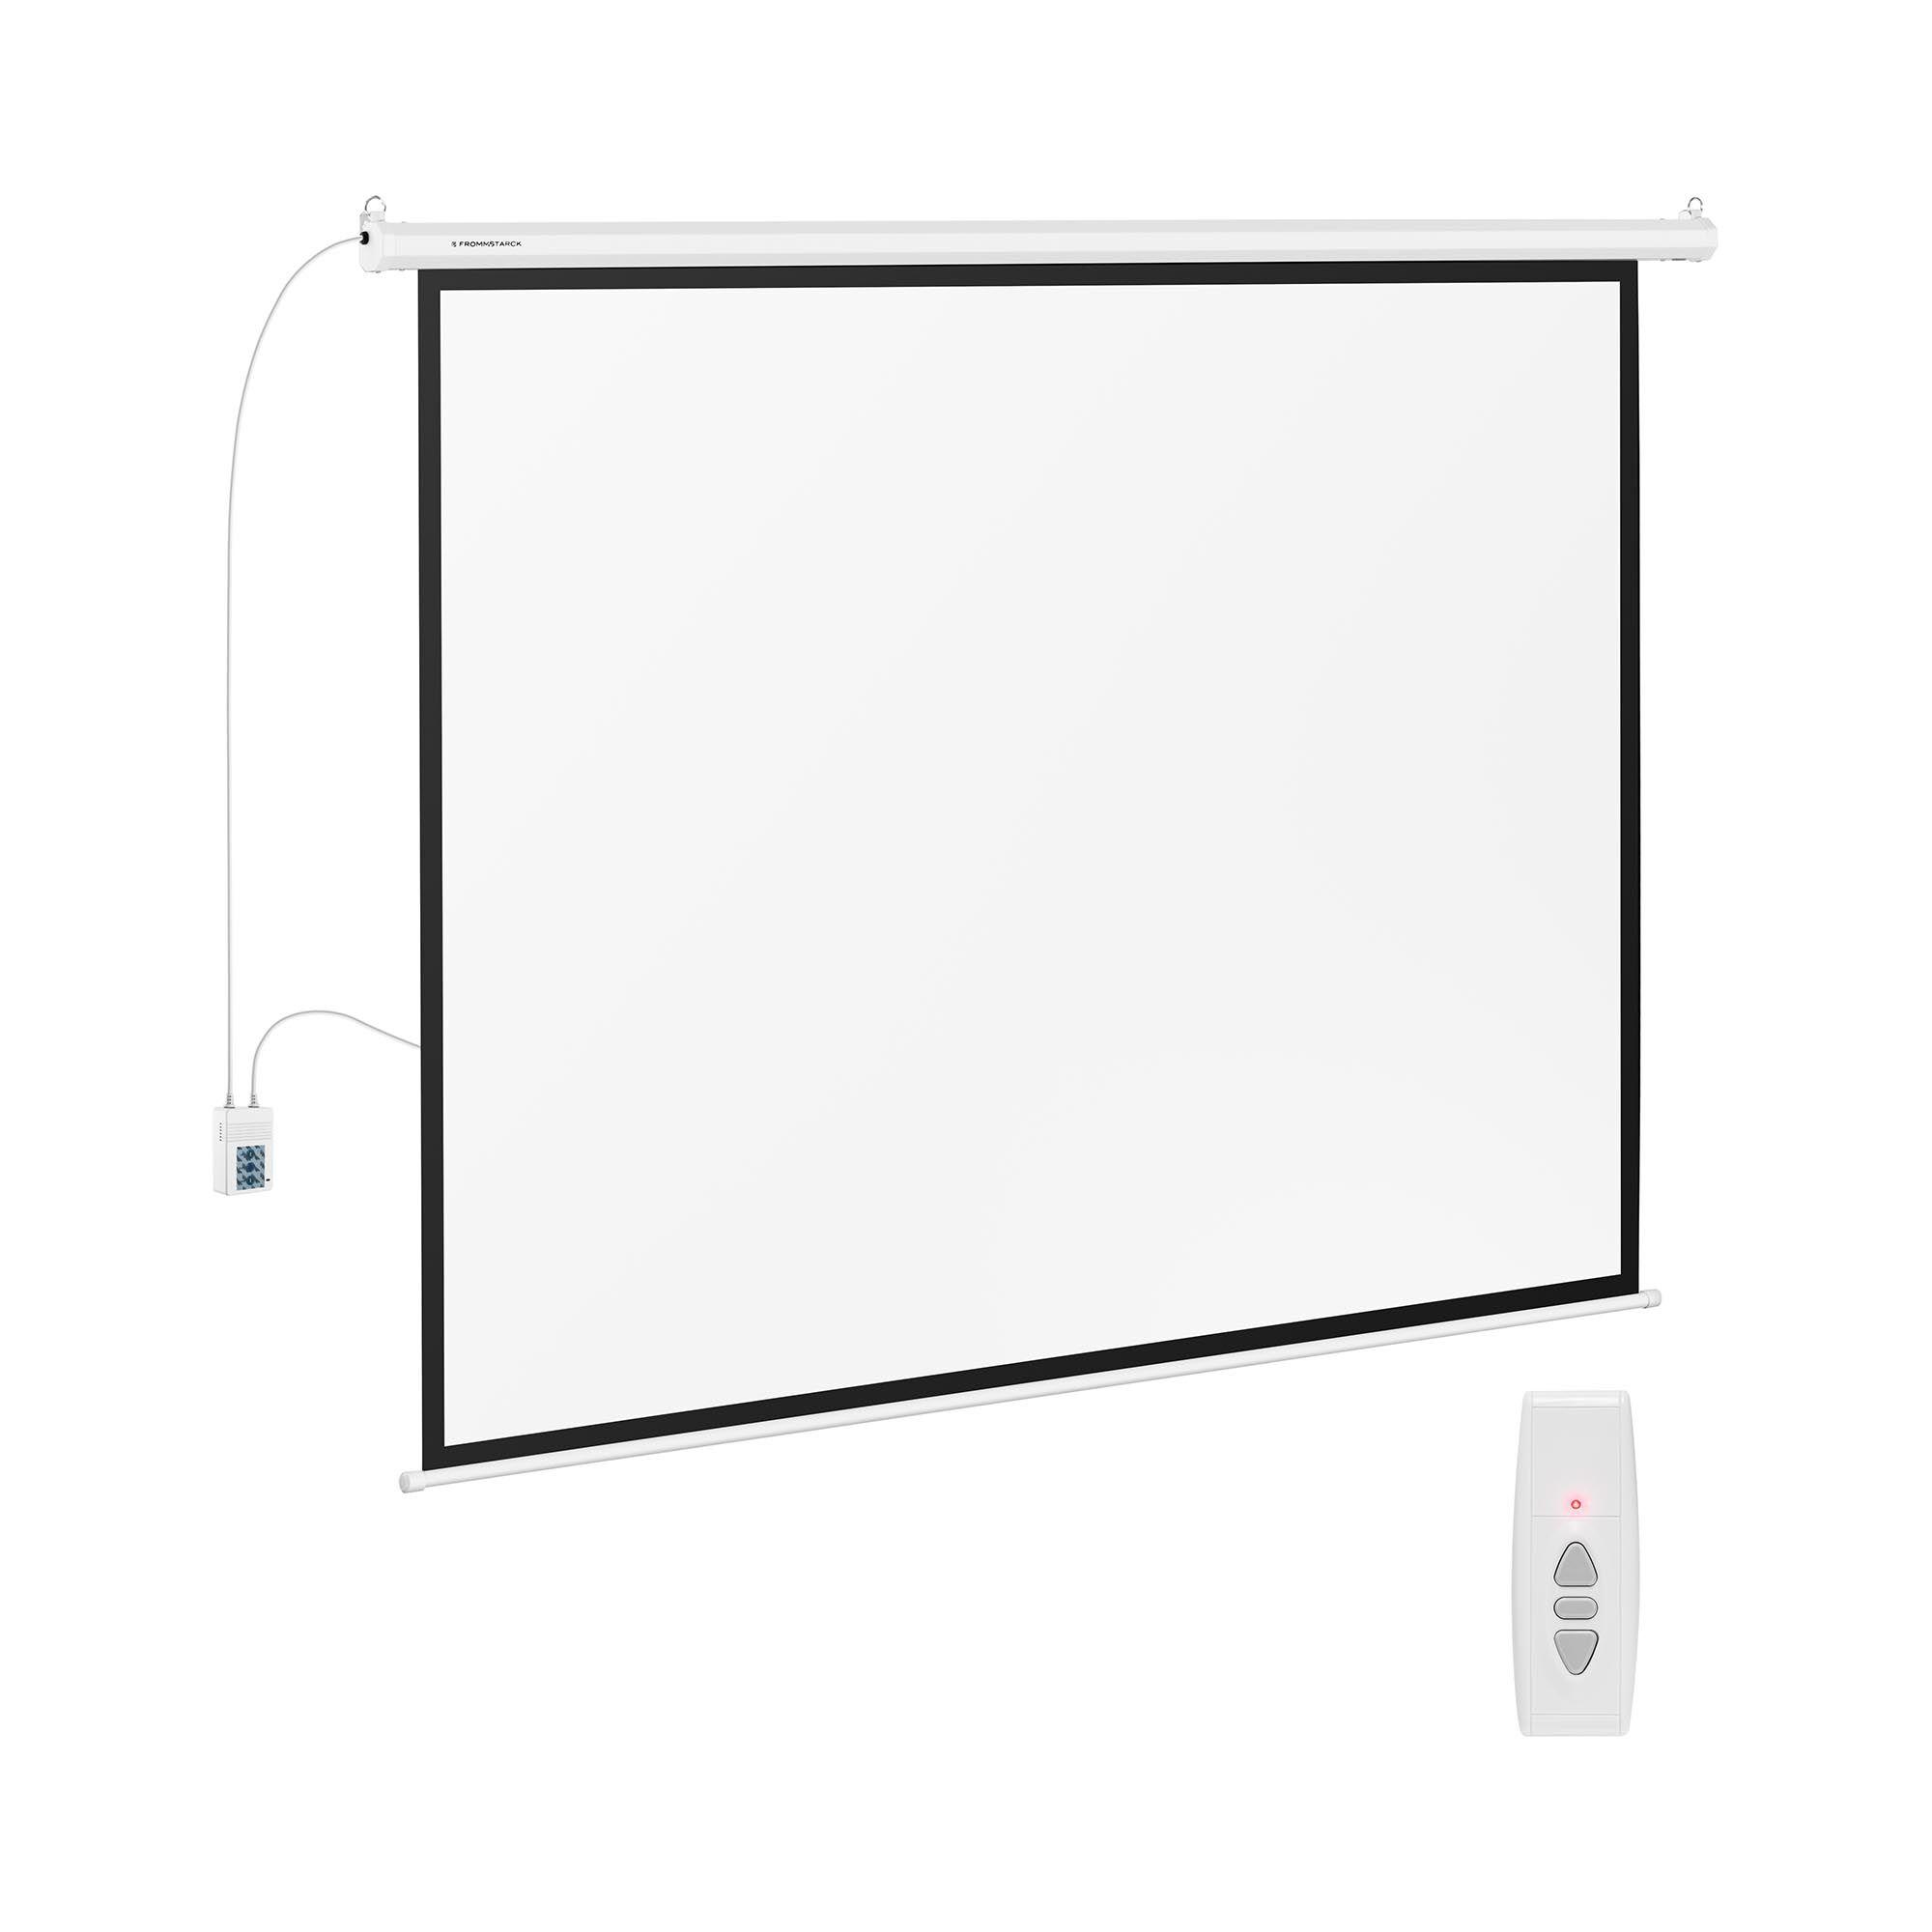 fromm & starck schermo per proiettore motorizzato - 211 x 160 cm - 4:3 star_rs100e43_01